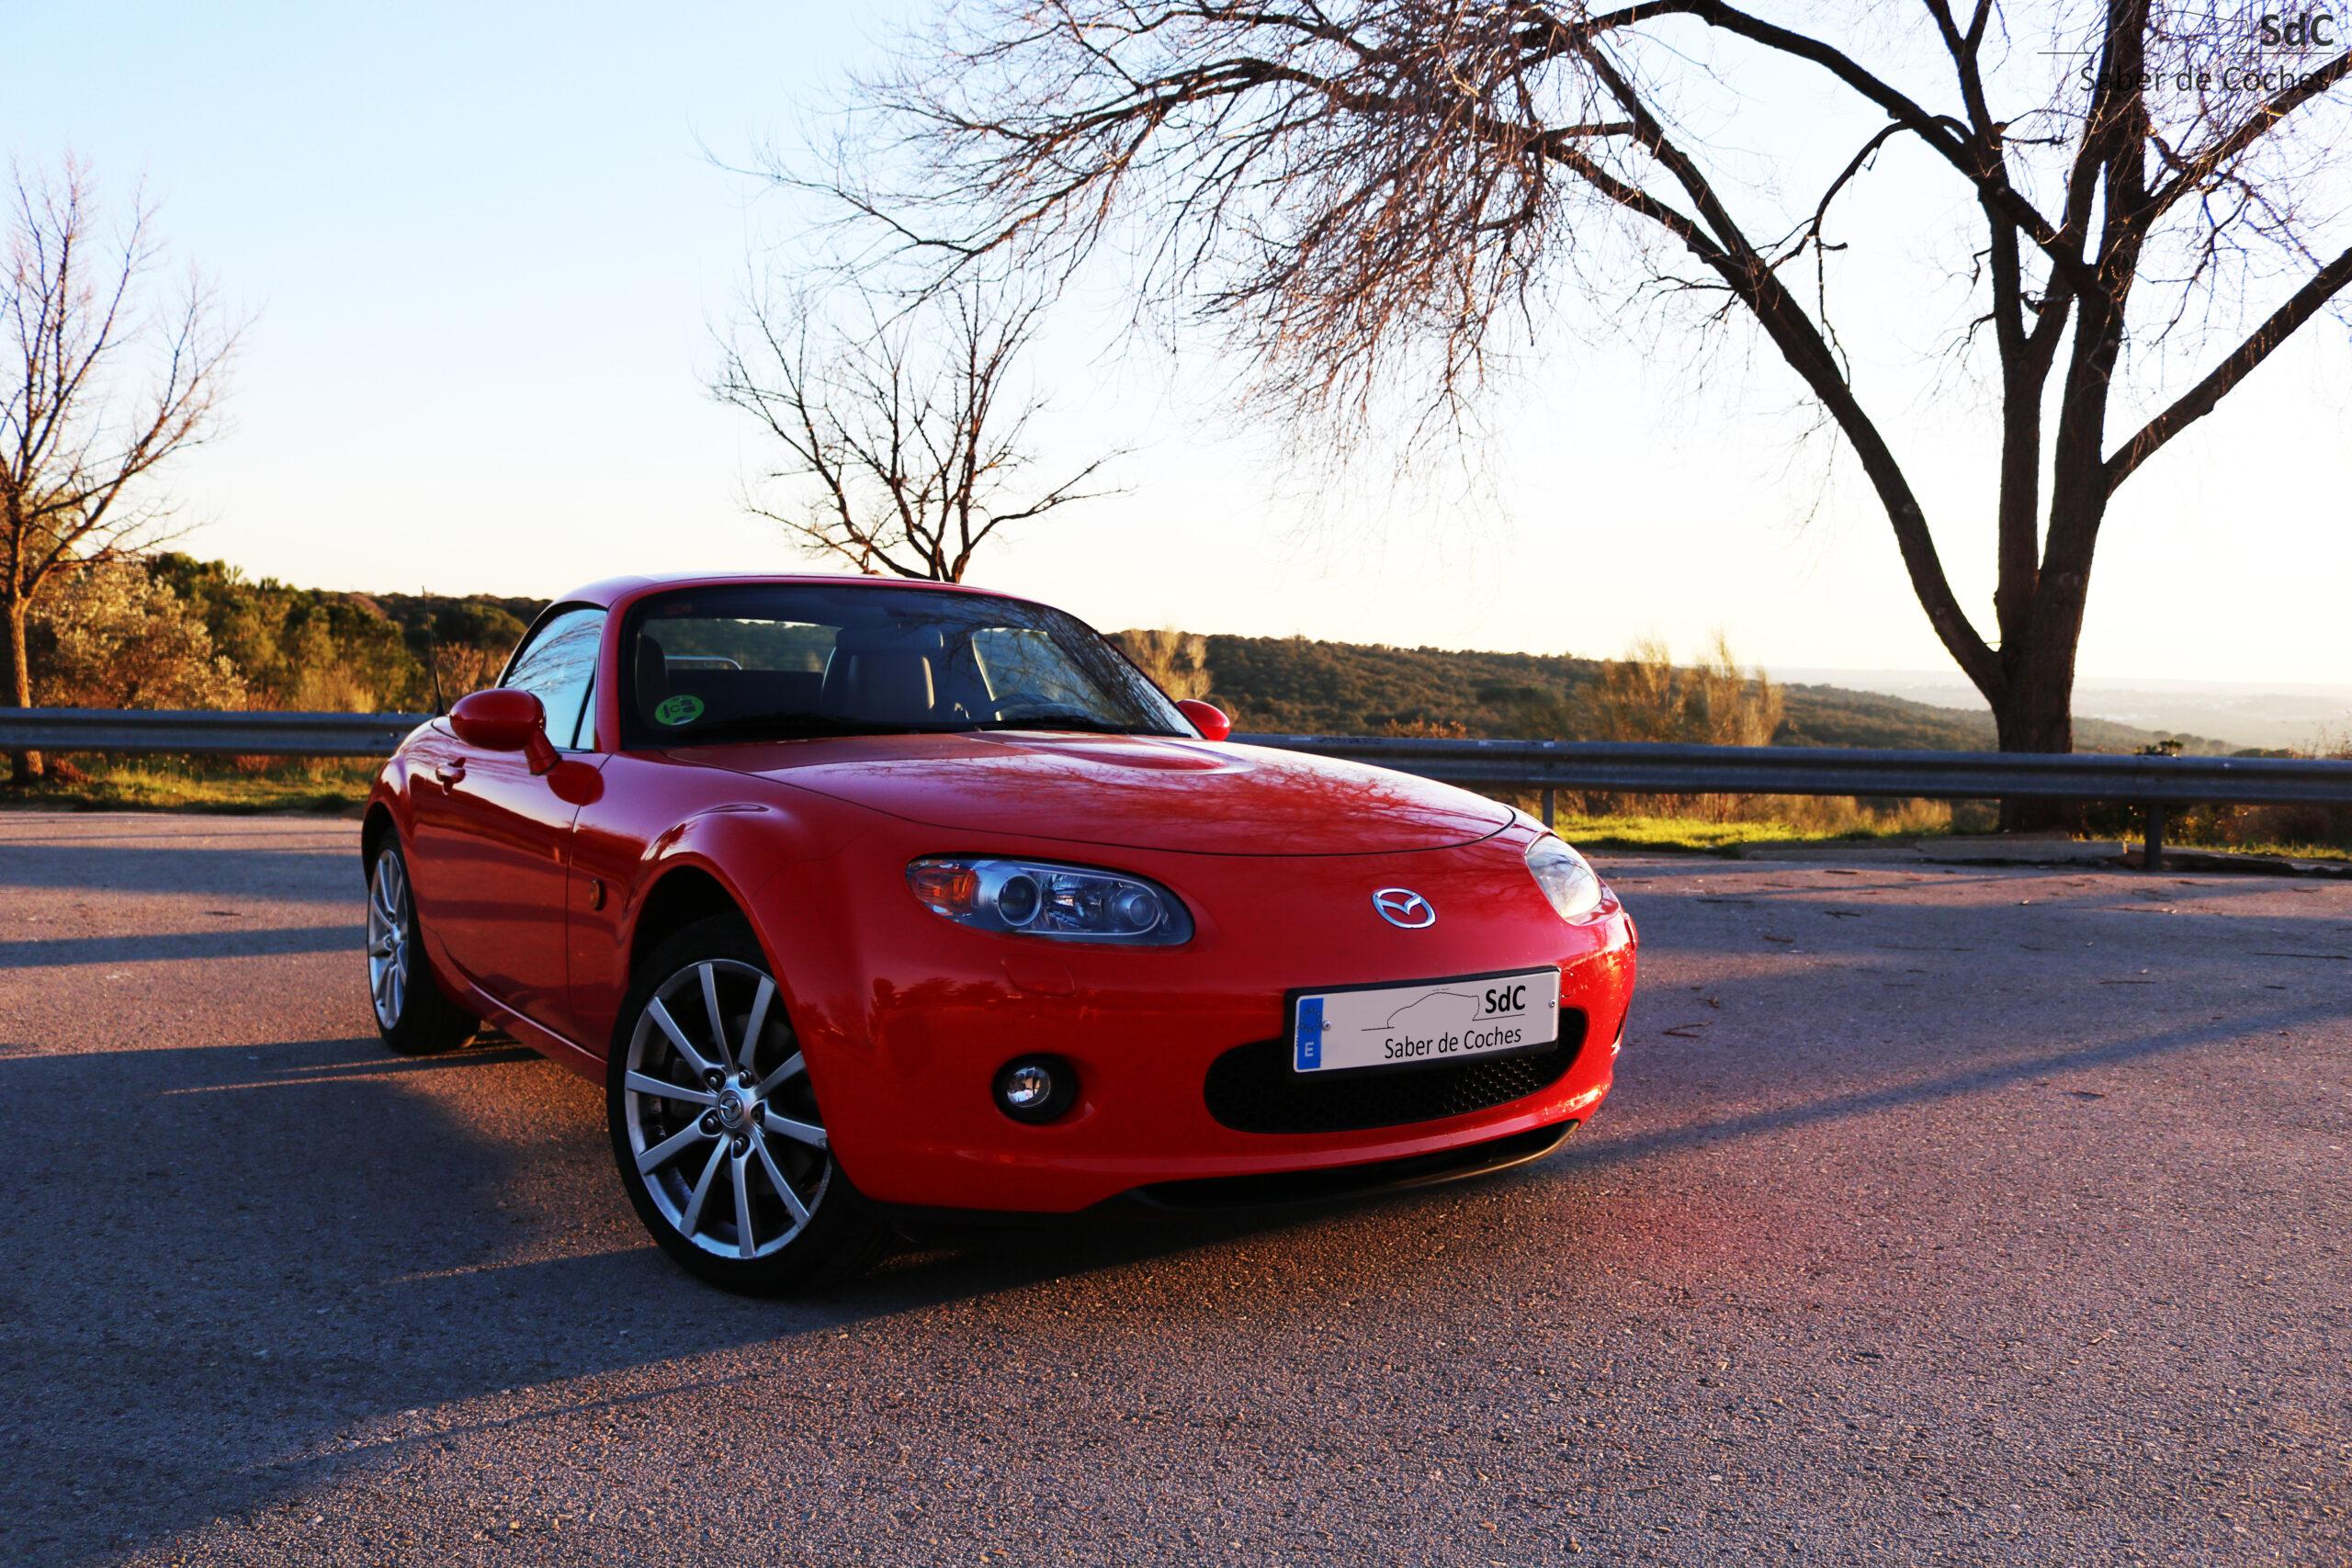 PRUEBA: Mazda MX-5 NC 2.0 (2008)